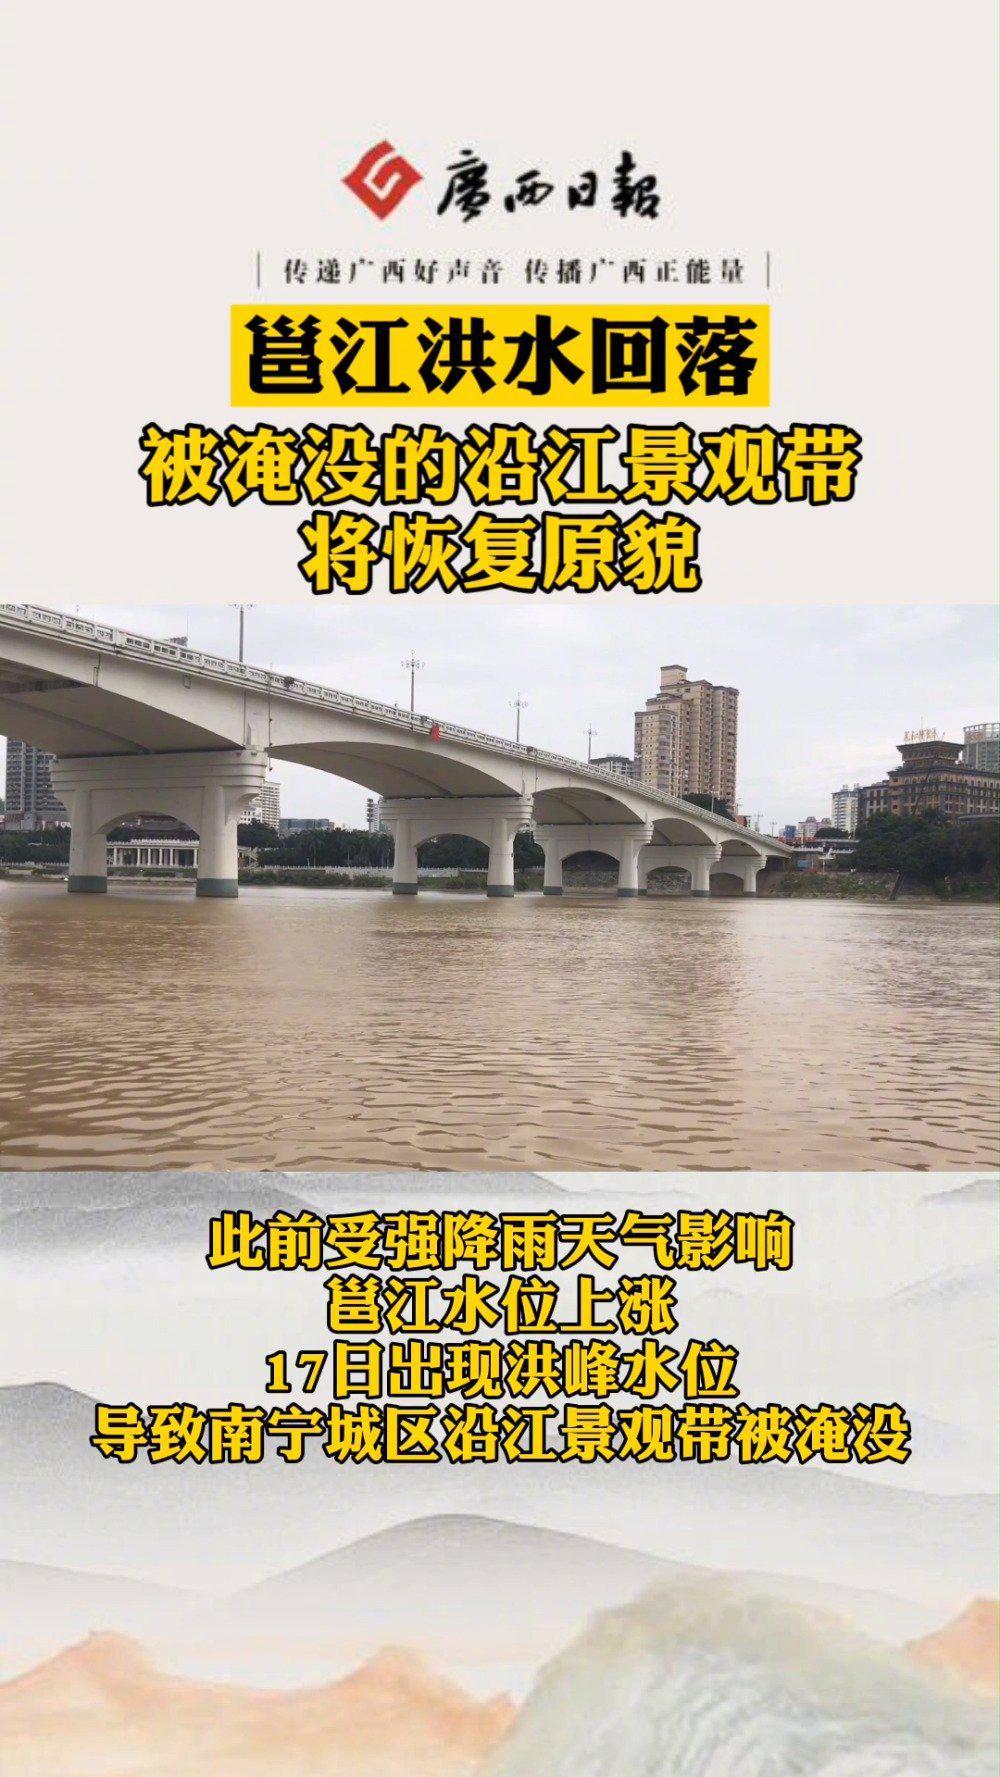 邕江洪水回落,被淹没的沿江景观带恢复原貌!